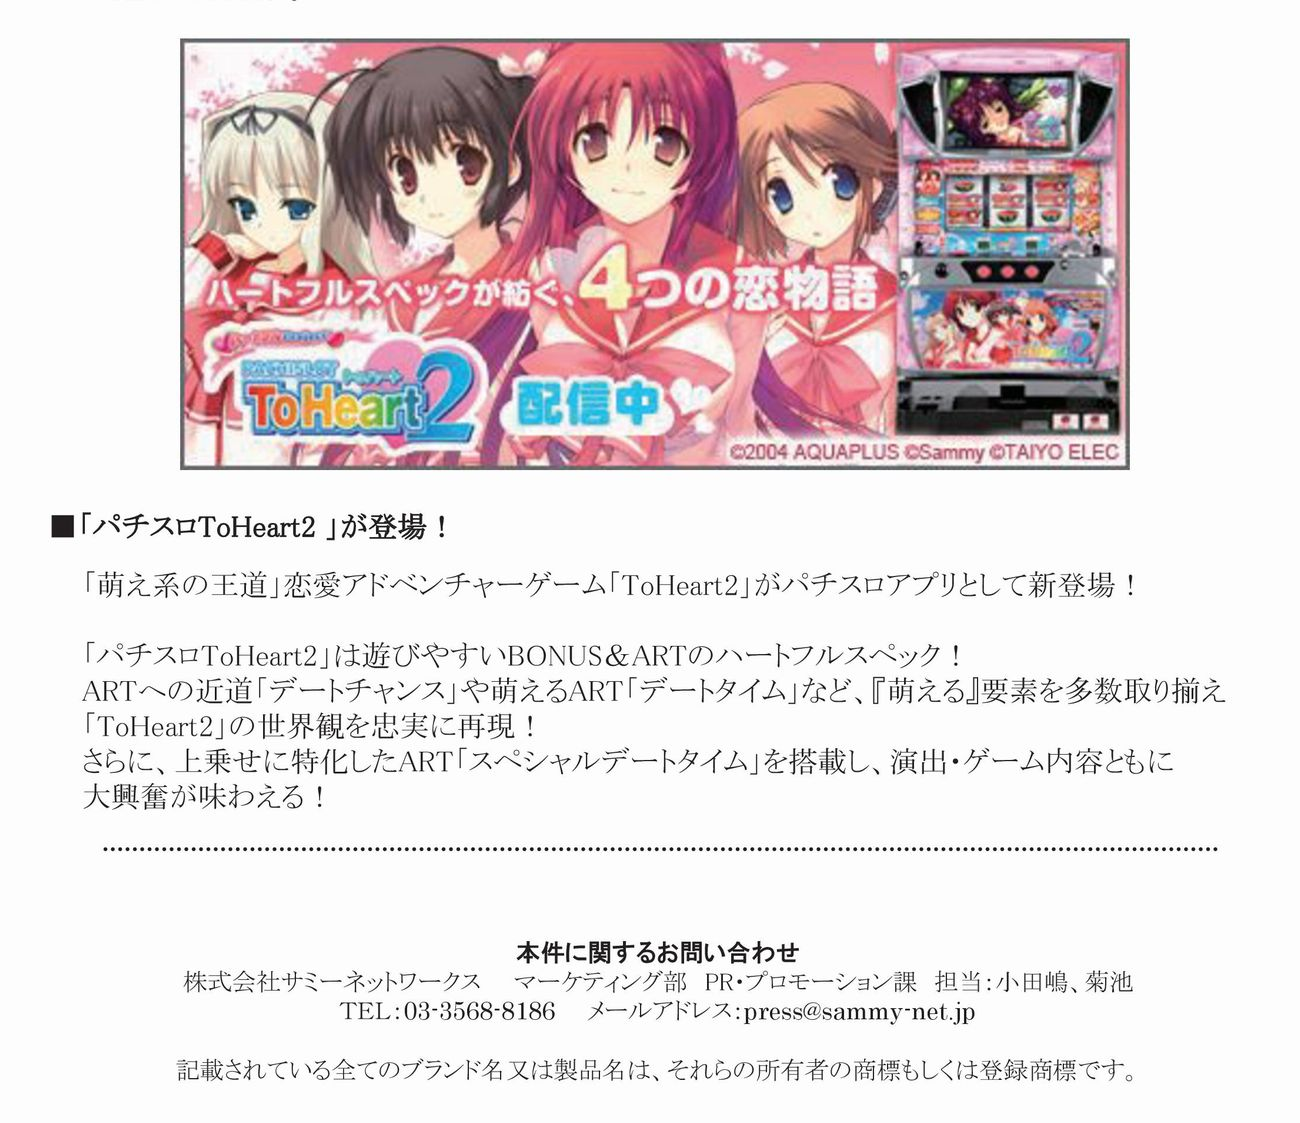 【iOS】パチスロToHeart2_プレスリリース-001